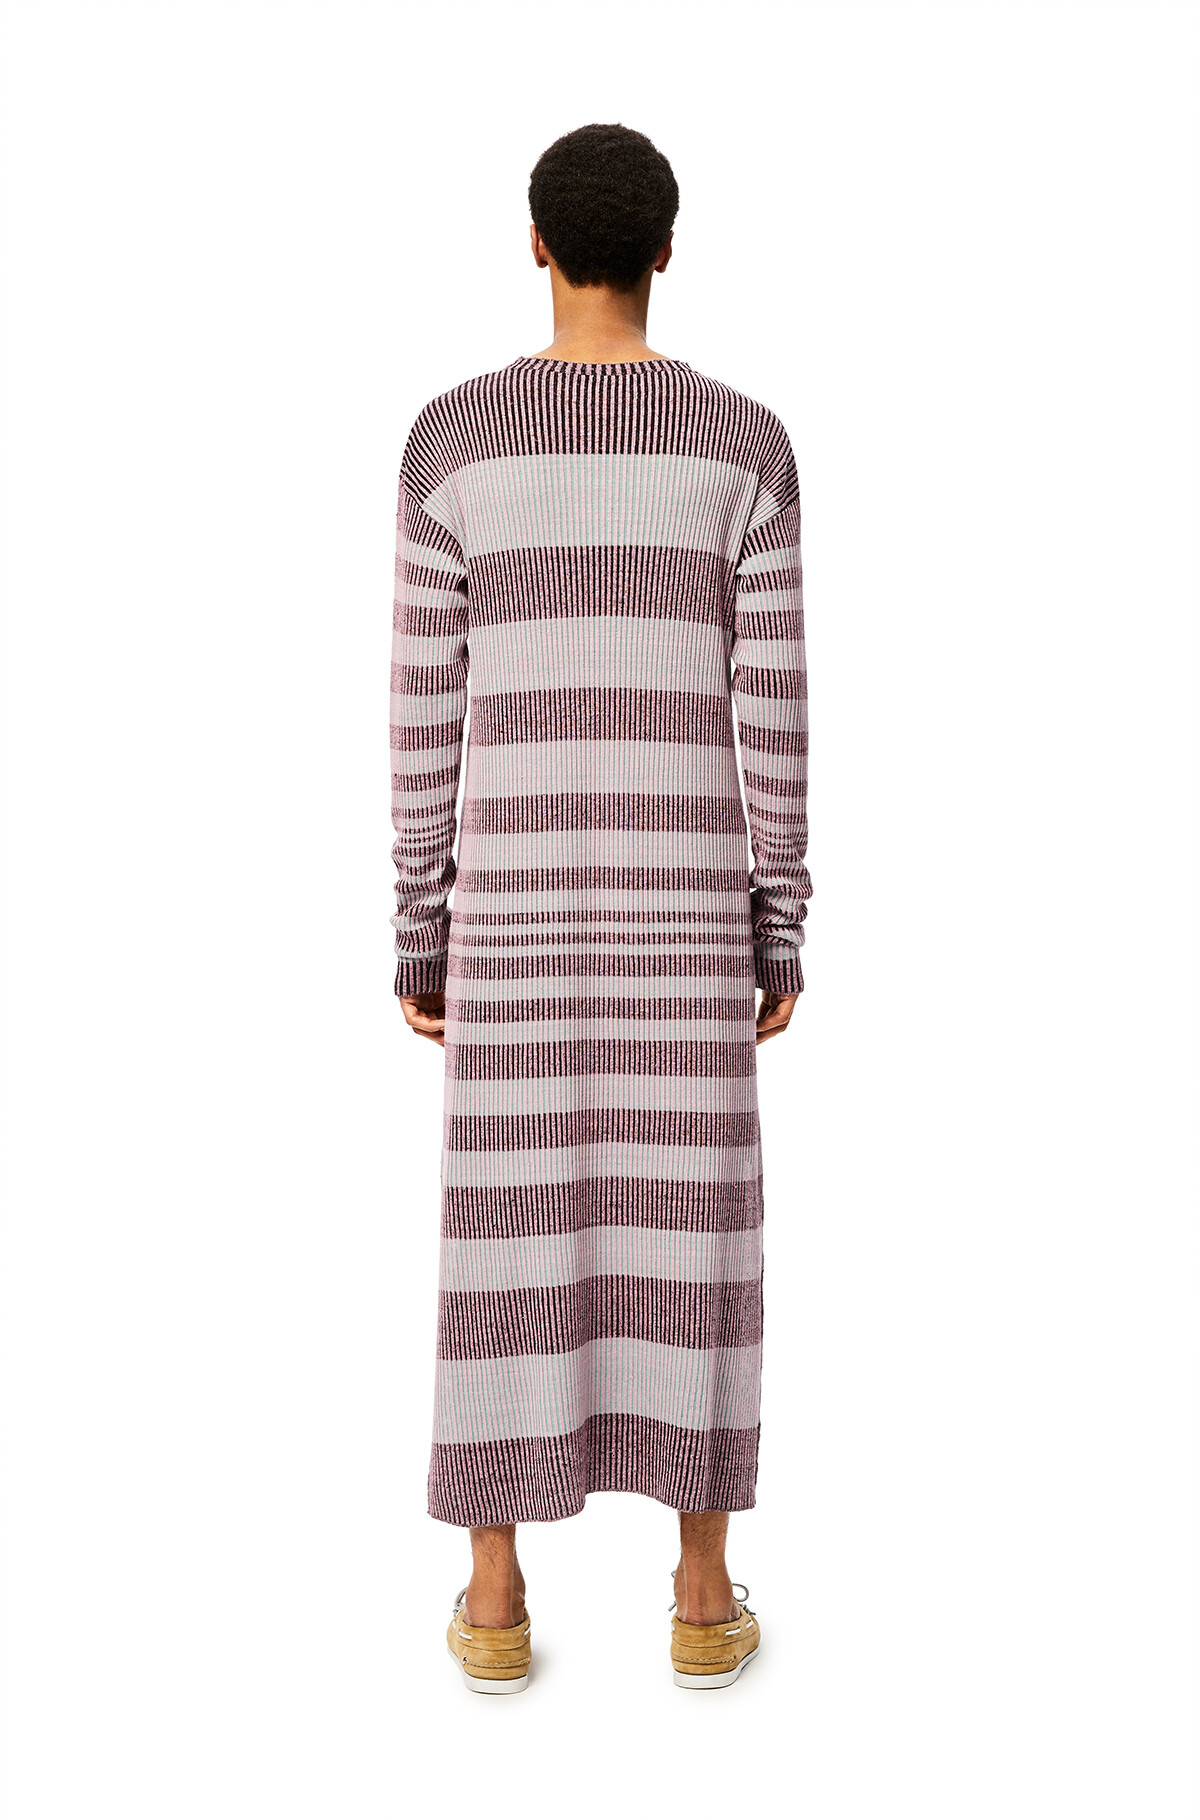 LOEWE Stripe Rib Knit Dress Pink/Black front